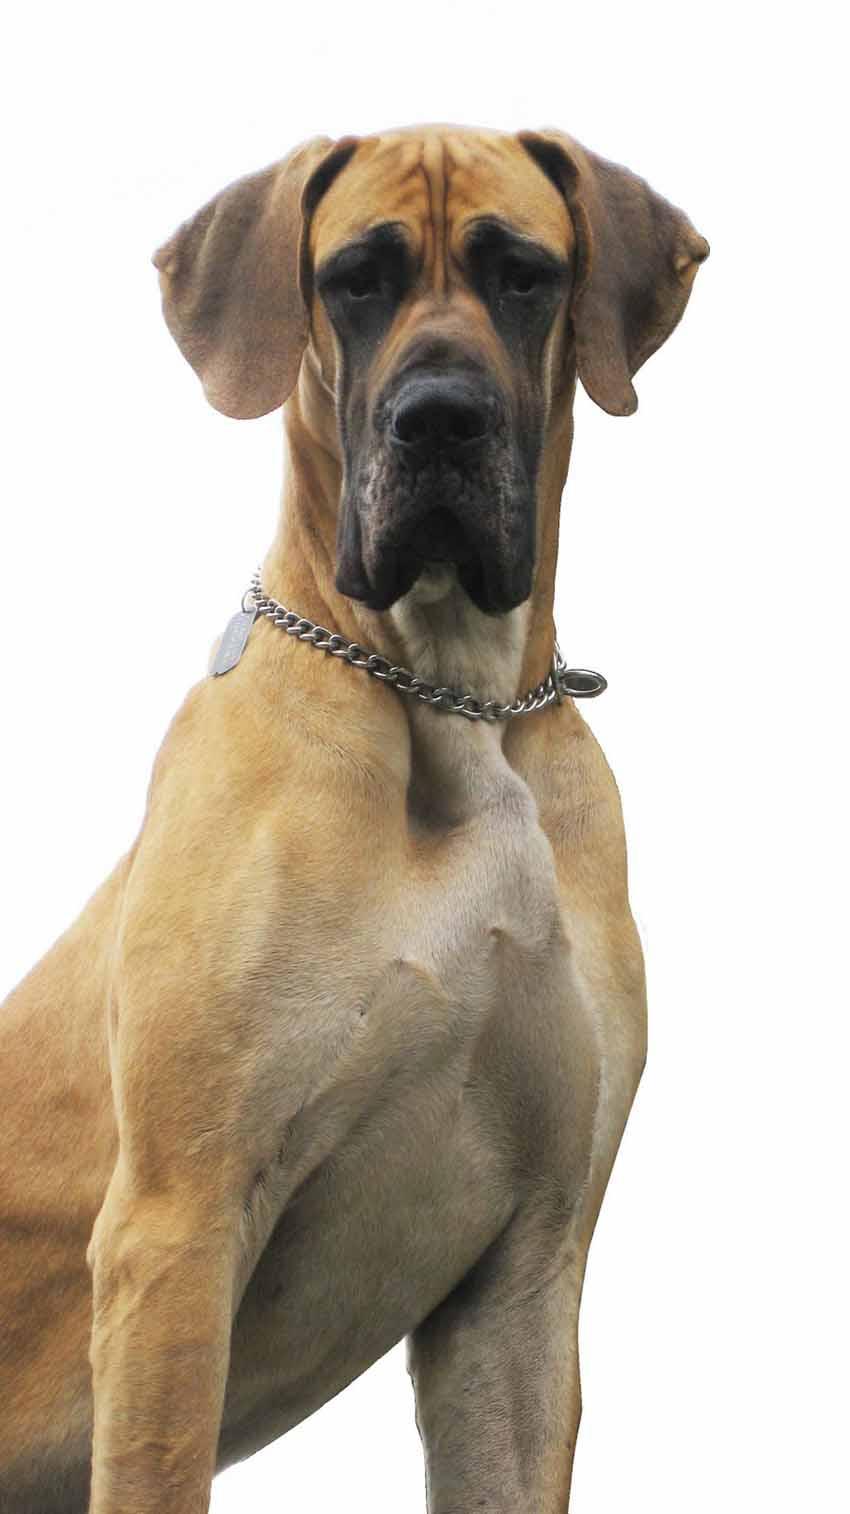 Всё о породе Алано - фото собаки, описание породы алано эспаньол, характер, содержание и уход за испанским бульдогом алано